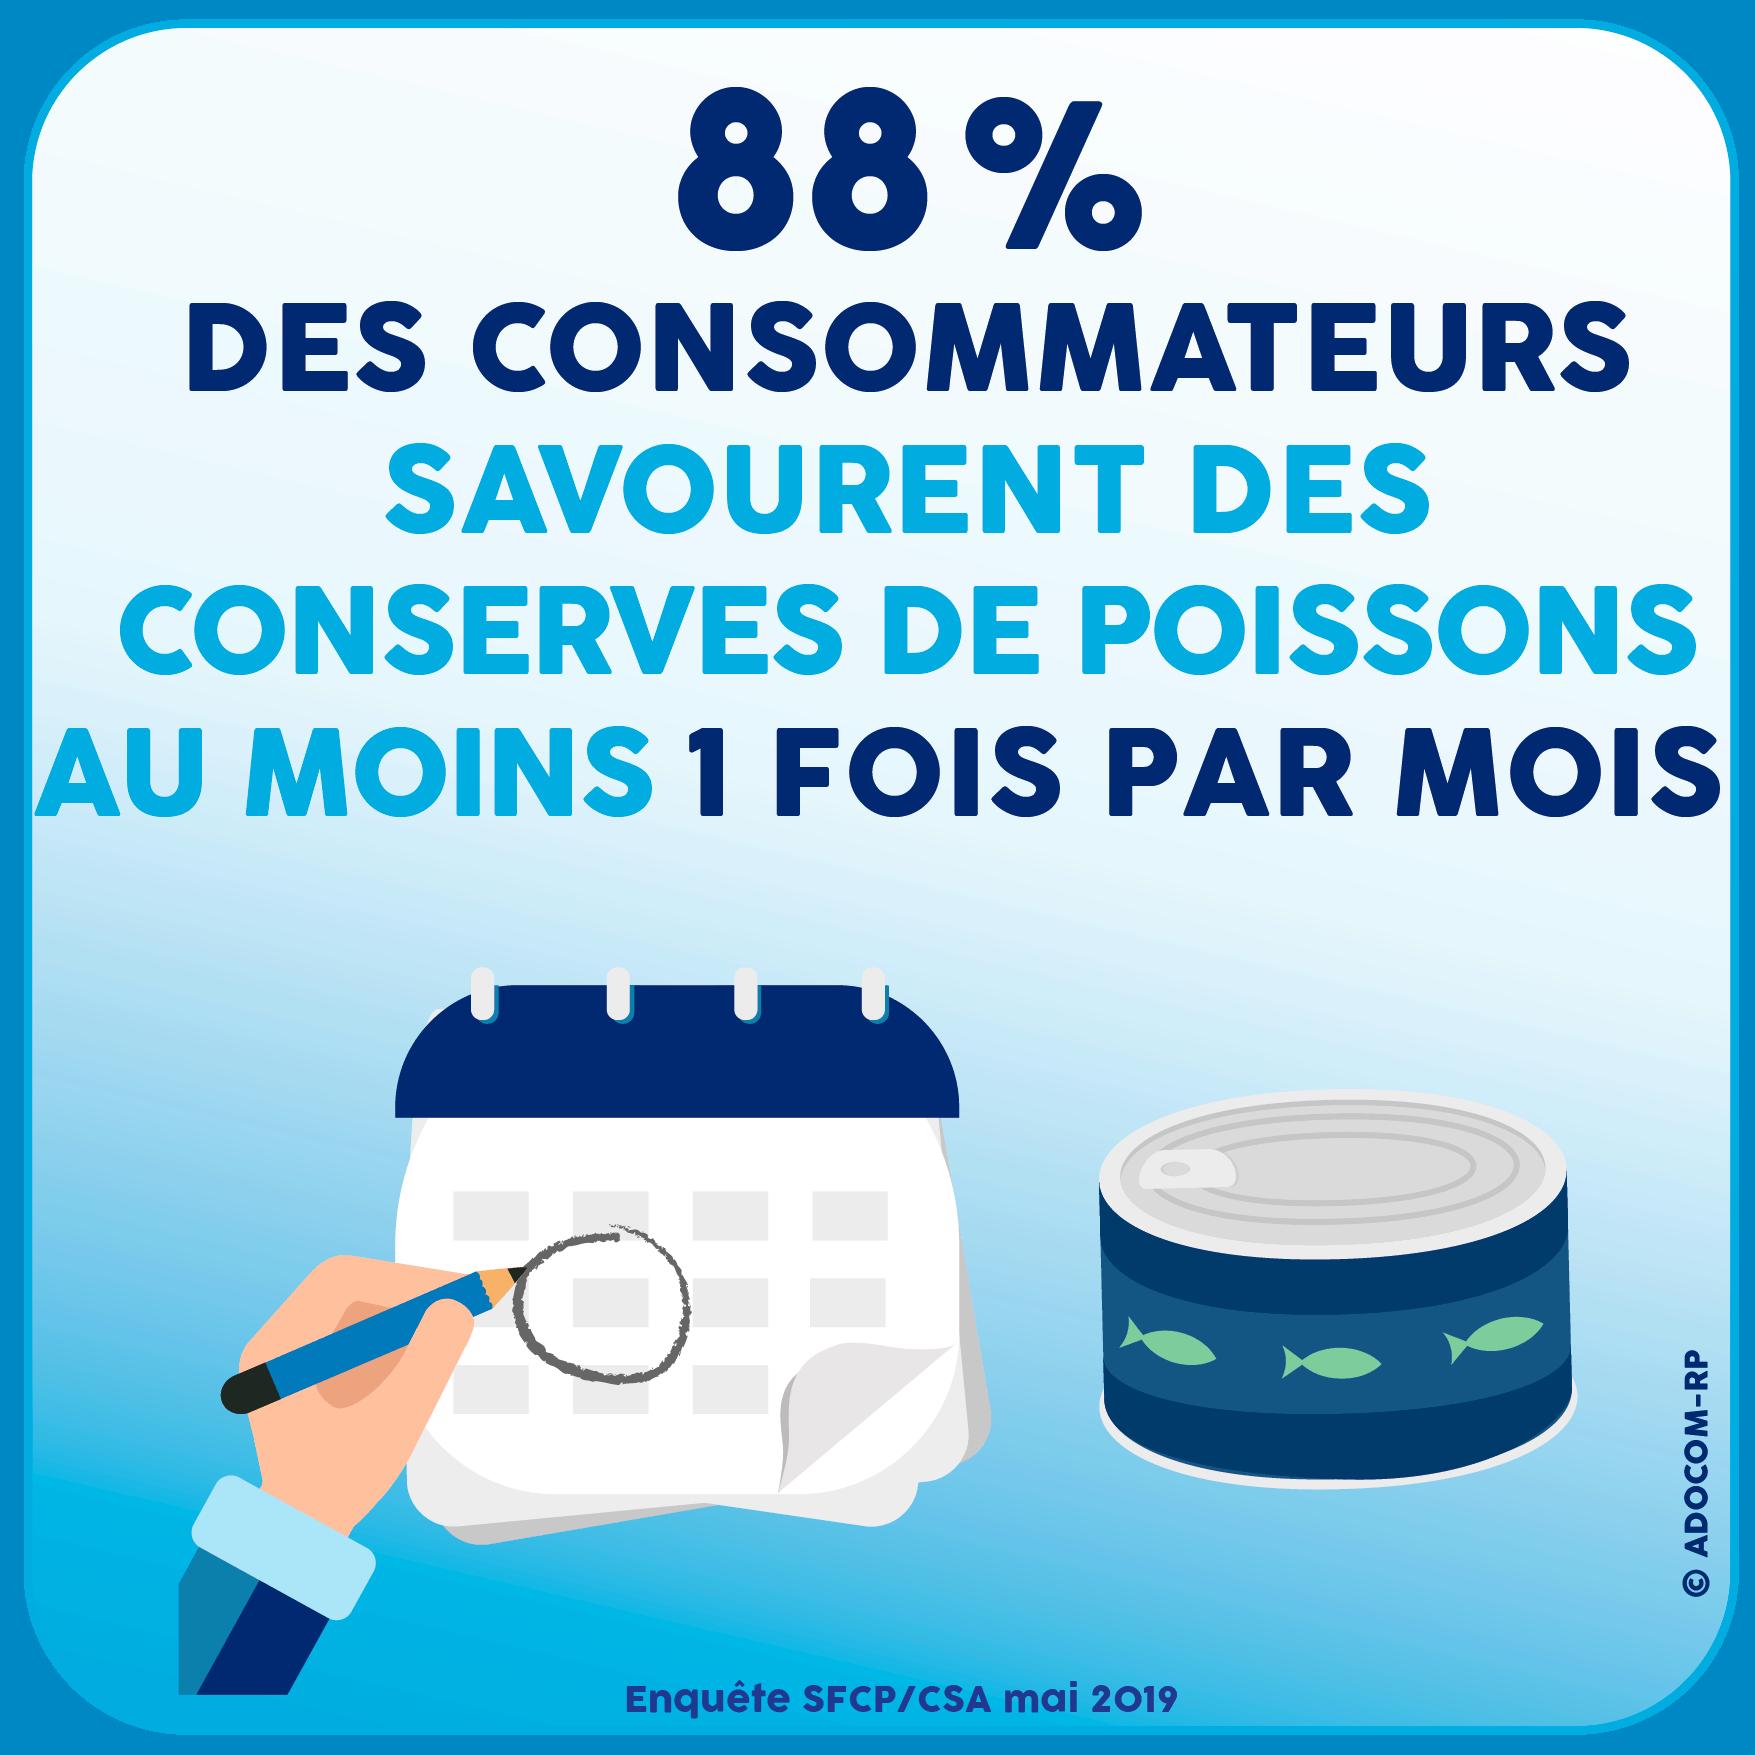 88% des consommateurs savourent des Conserves de Poissons au moins 1 fois par mois - Enquête SFCP/CSA mai 2019 - Adocom-RP